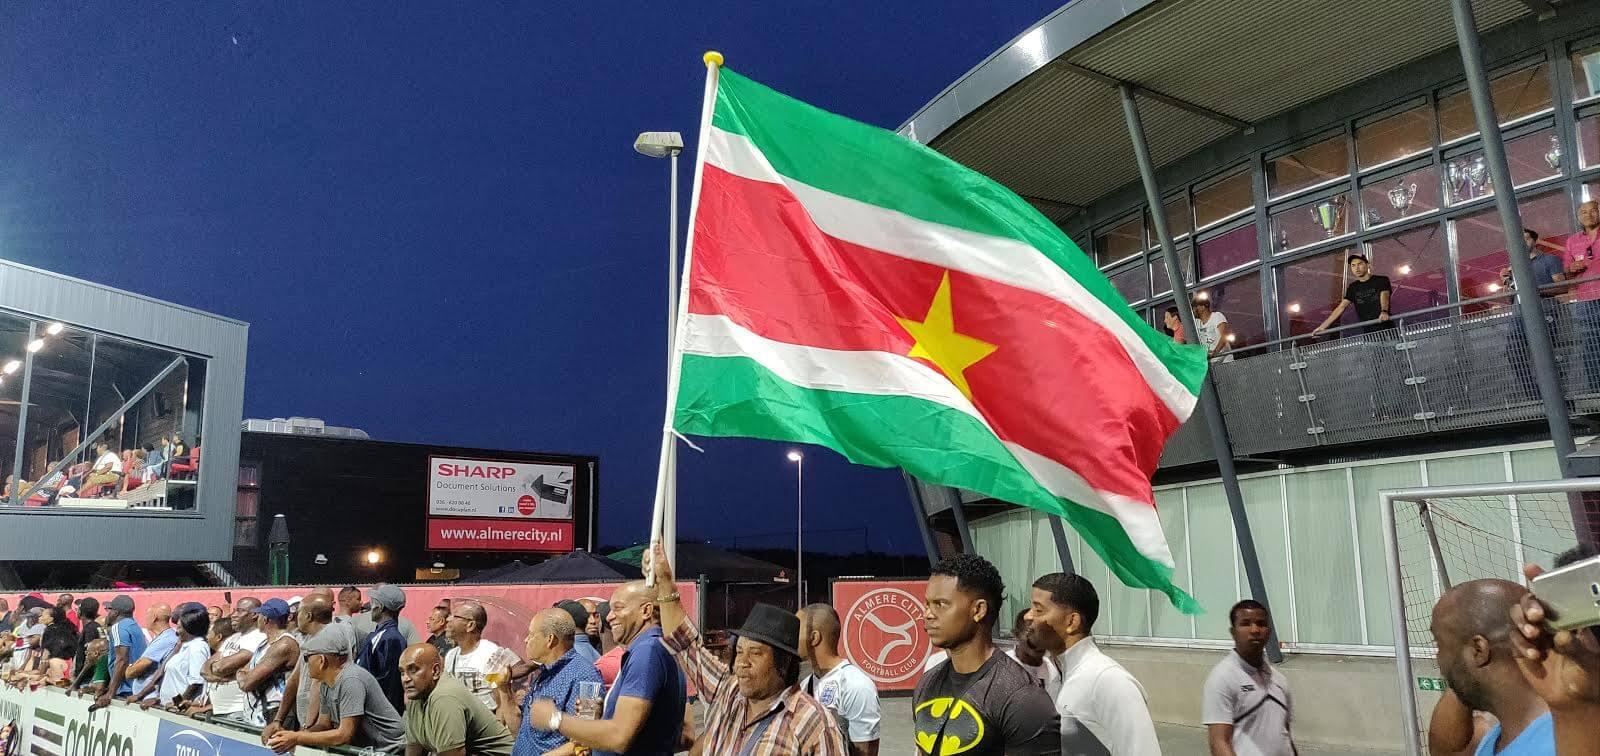 Almere City FC wint eerste wedstrijd op natuurgras